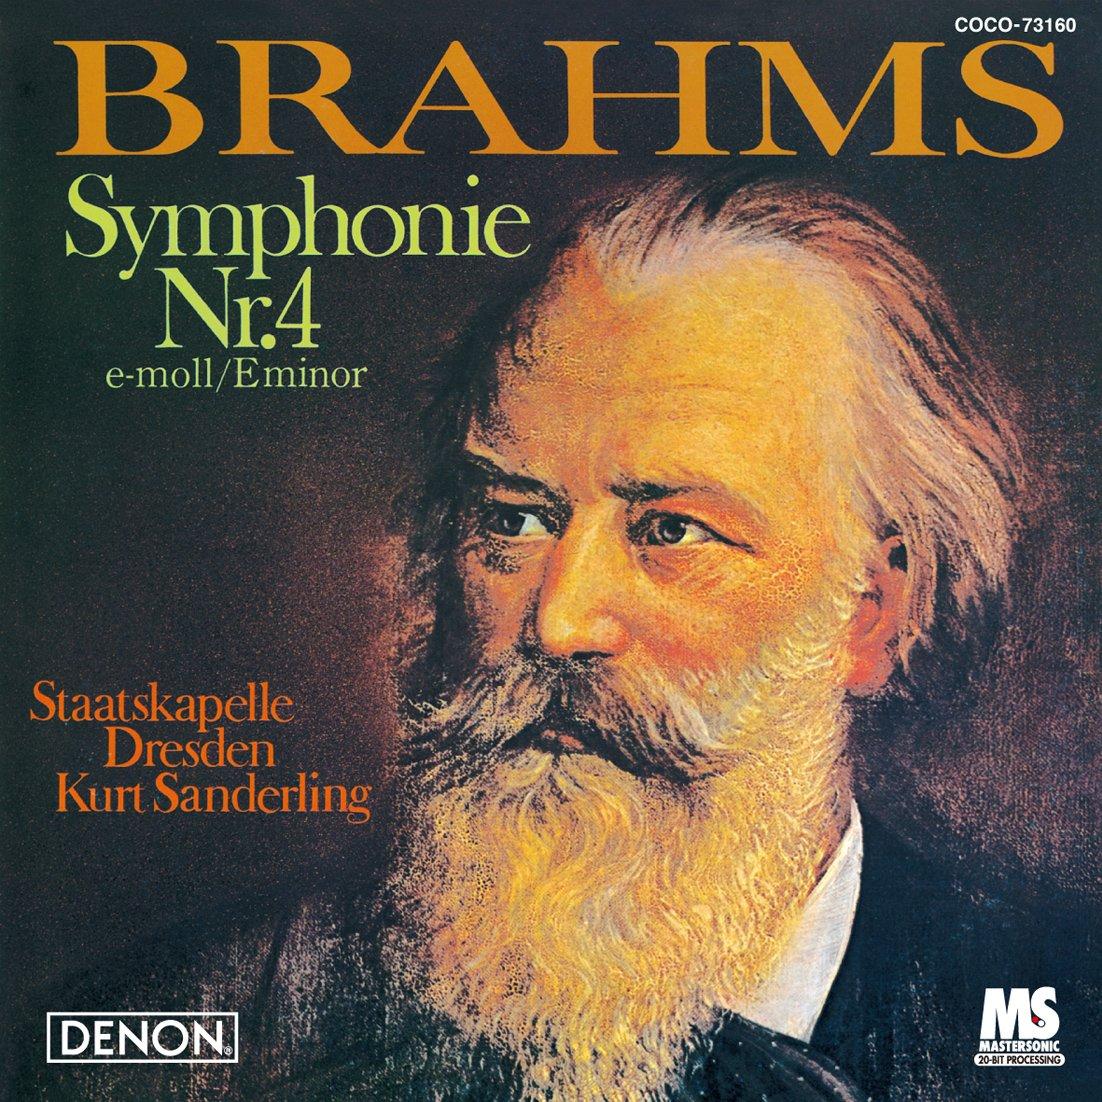 Brahms - 4e symphonie - Page 2 81phJcJxBoL._SL1102_